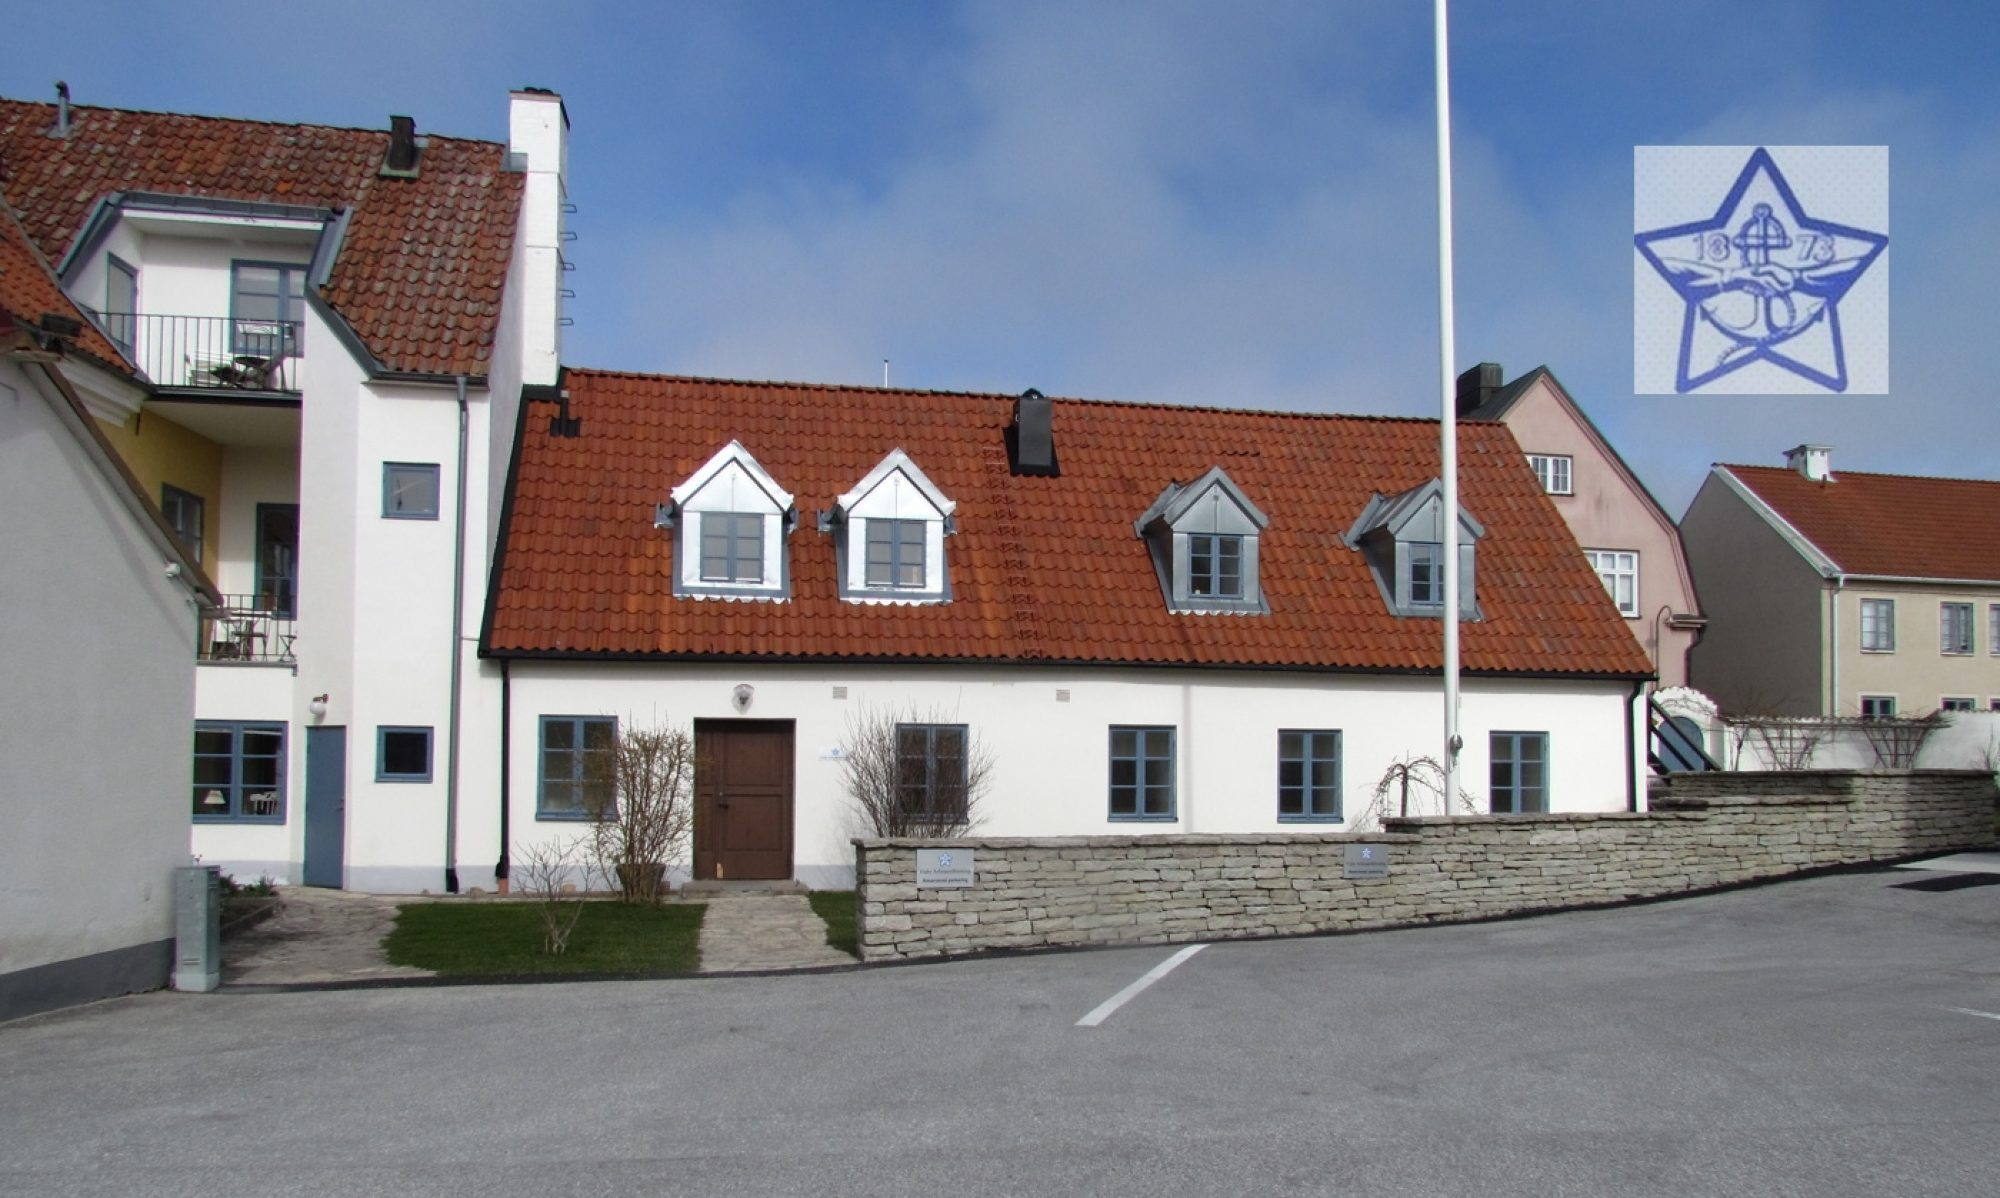 Välkommen till Visby Arbetareförening